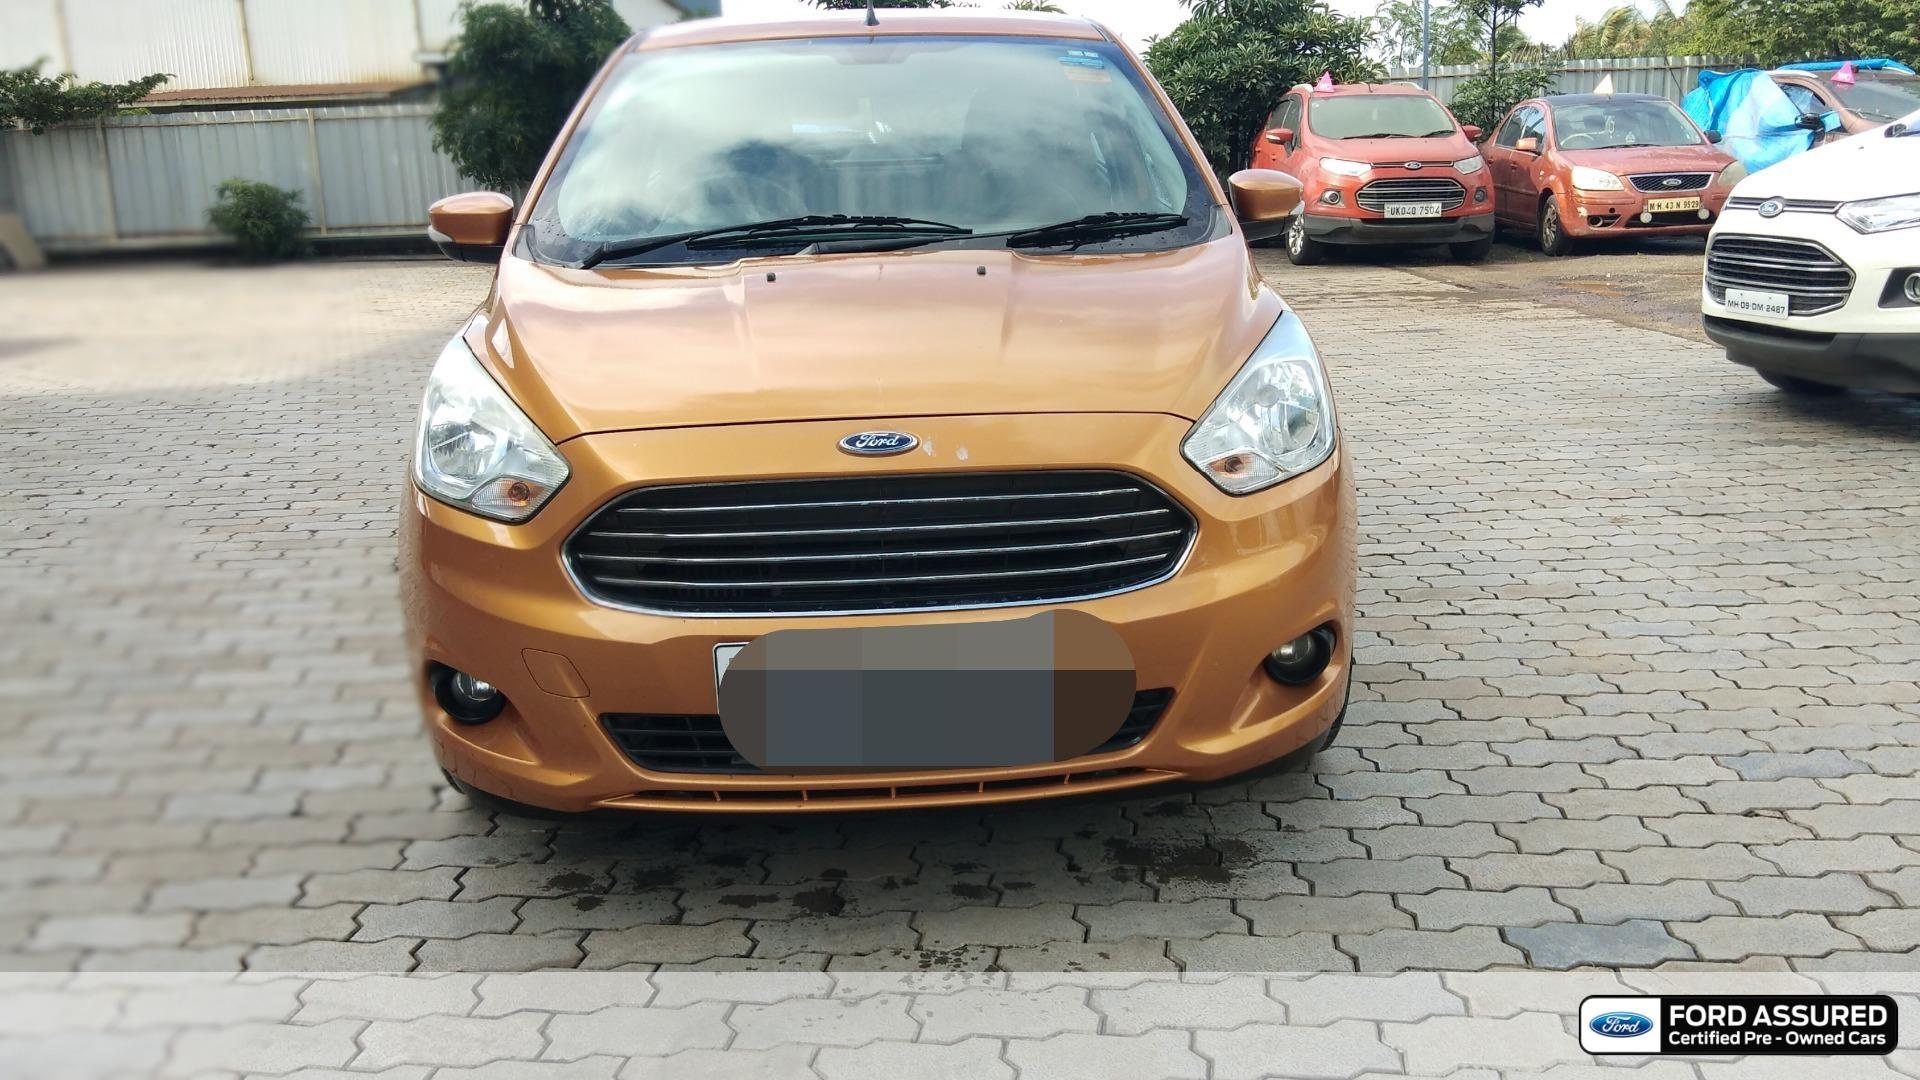 Ford Figo Titanium Diesel BSIV